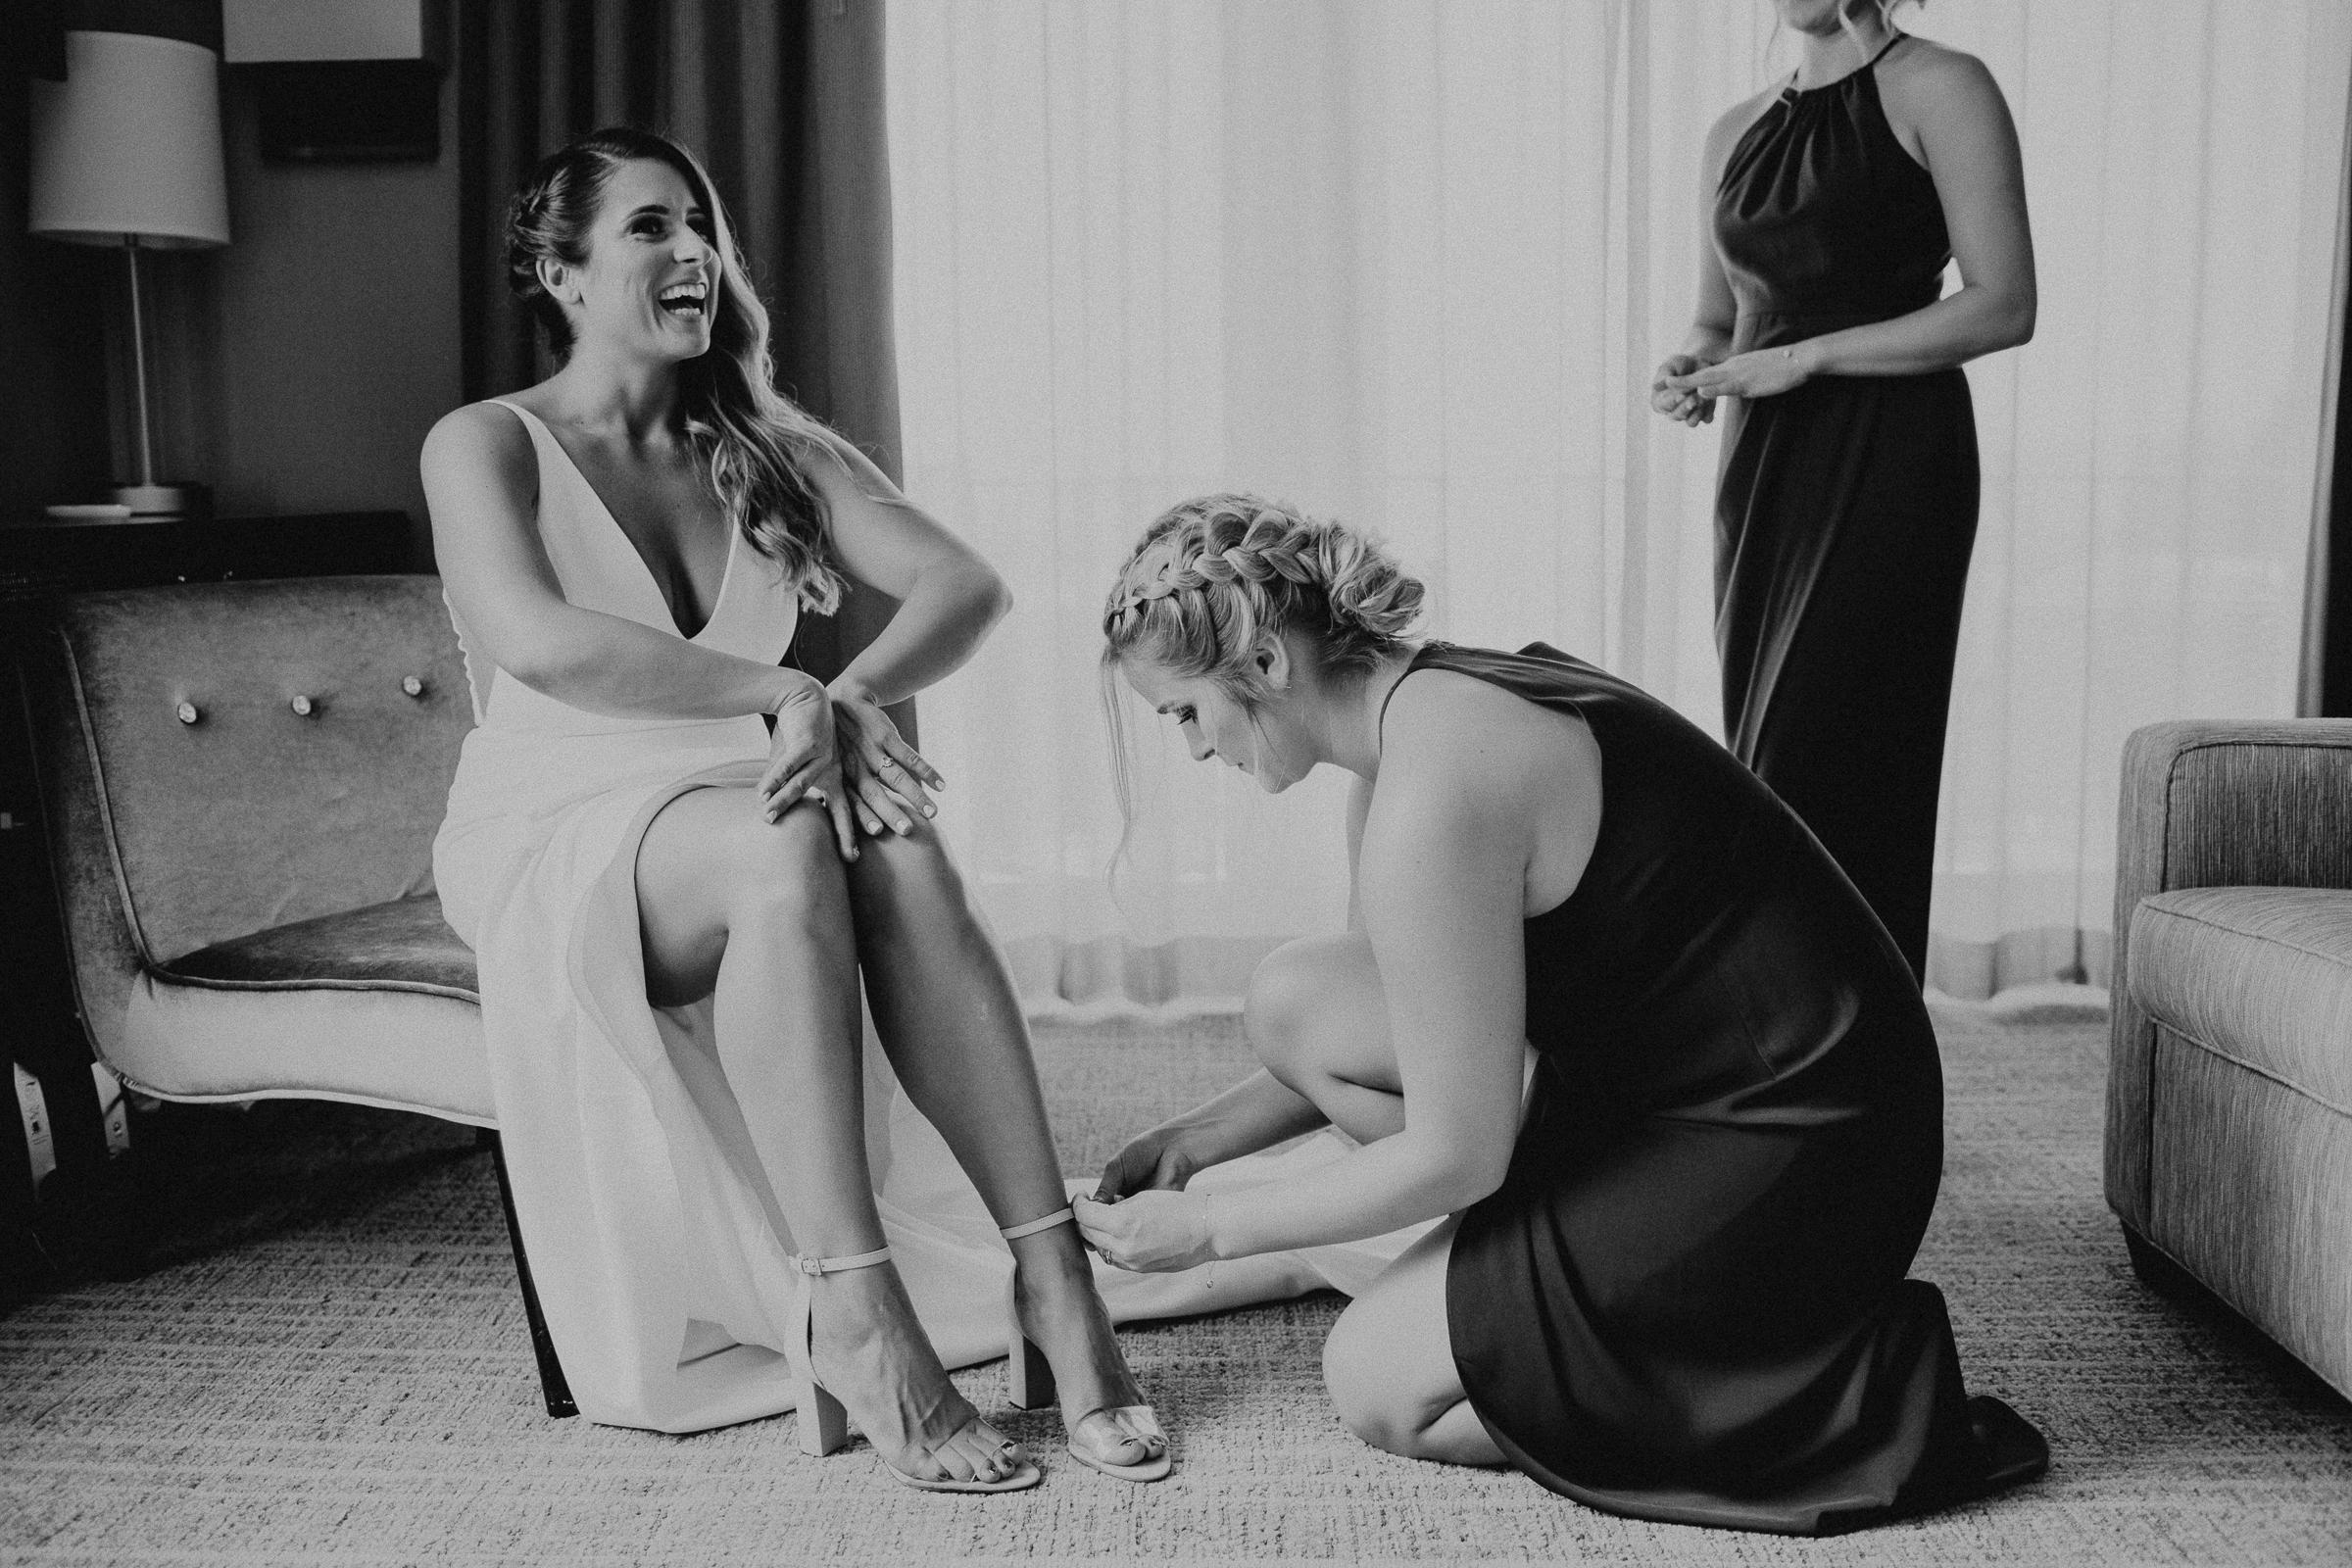 Oakland Museum of California Wedding #fallwedding #modernwedding #minimalswedding #BayAreaWeddingPhotographer #weddingprep #weddingday #bridesmaid